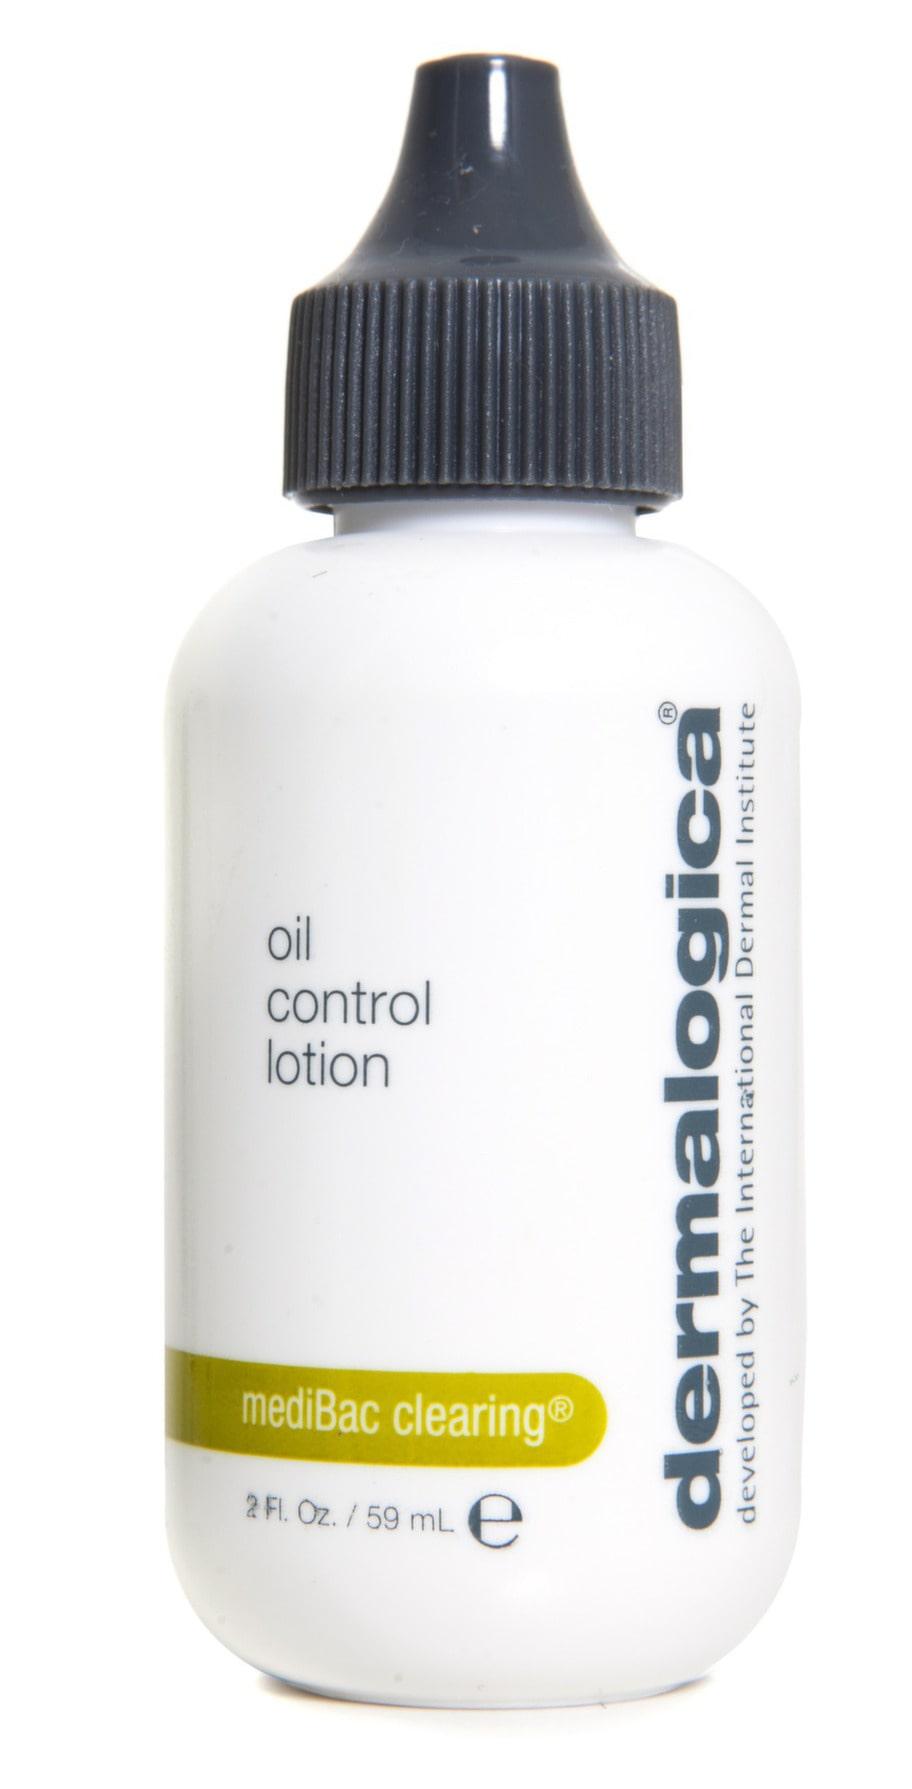 Produkter för kombinerad hy<br>Matt. Reglerar talgproduktionen och håller huden matt. Oil control lotion från Dermalogica. 59 ml, 435 kronor.